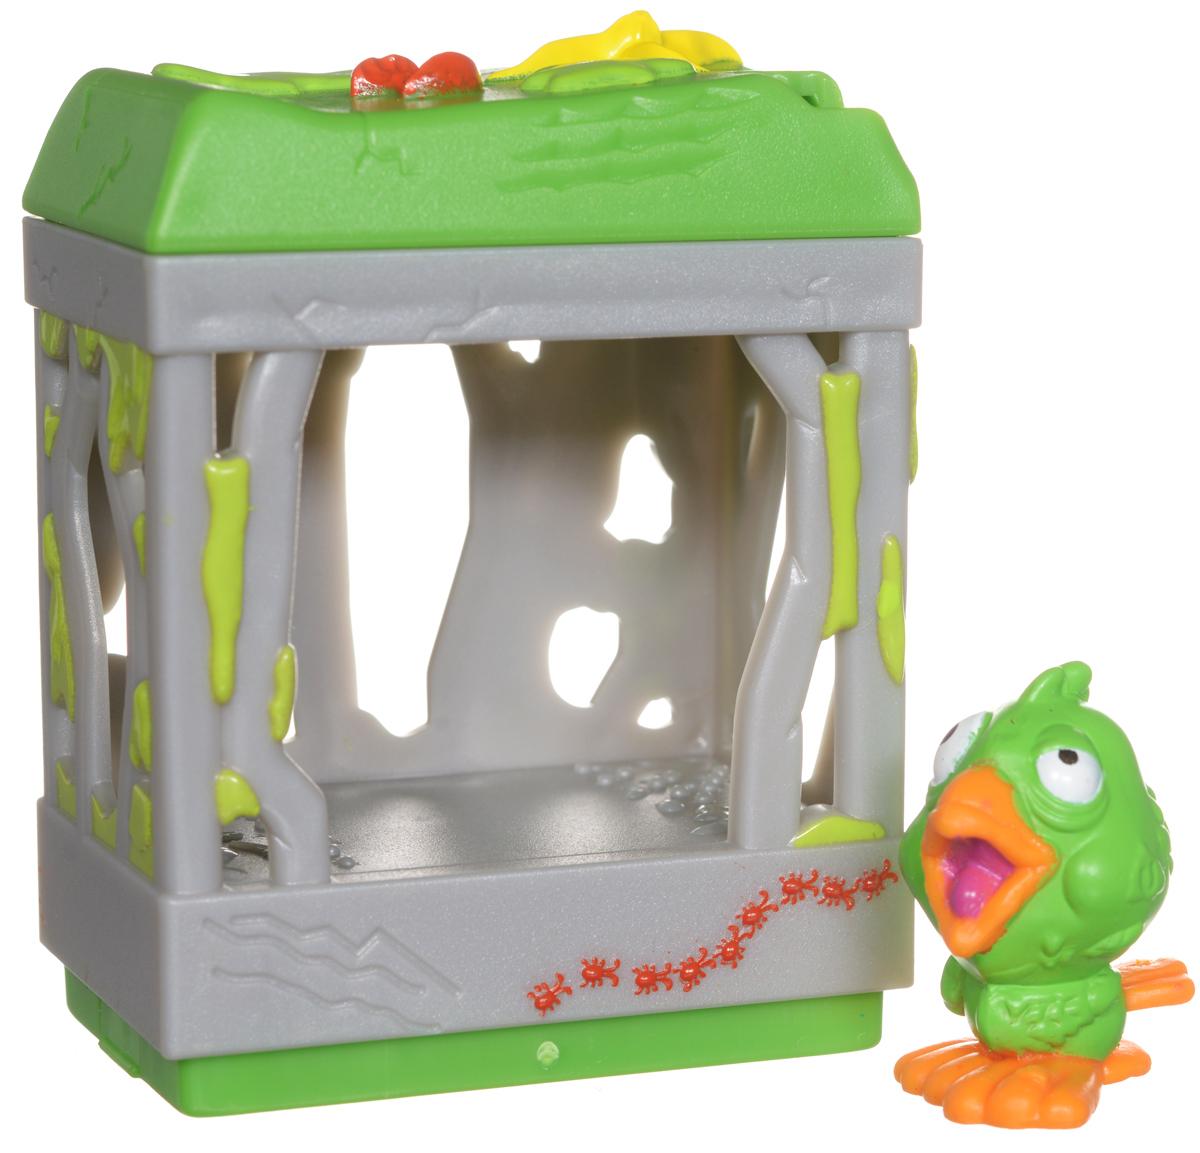 Ugglys Pet Shop Игровой набор Домик с фигуркой Poop Coop